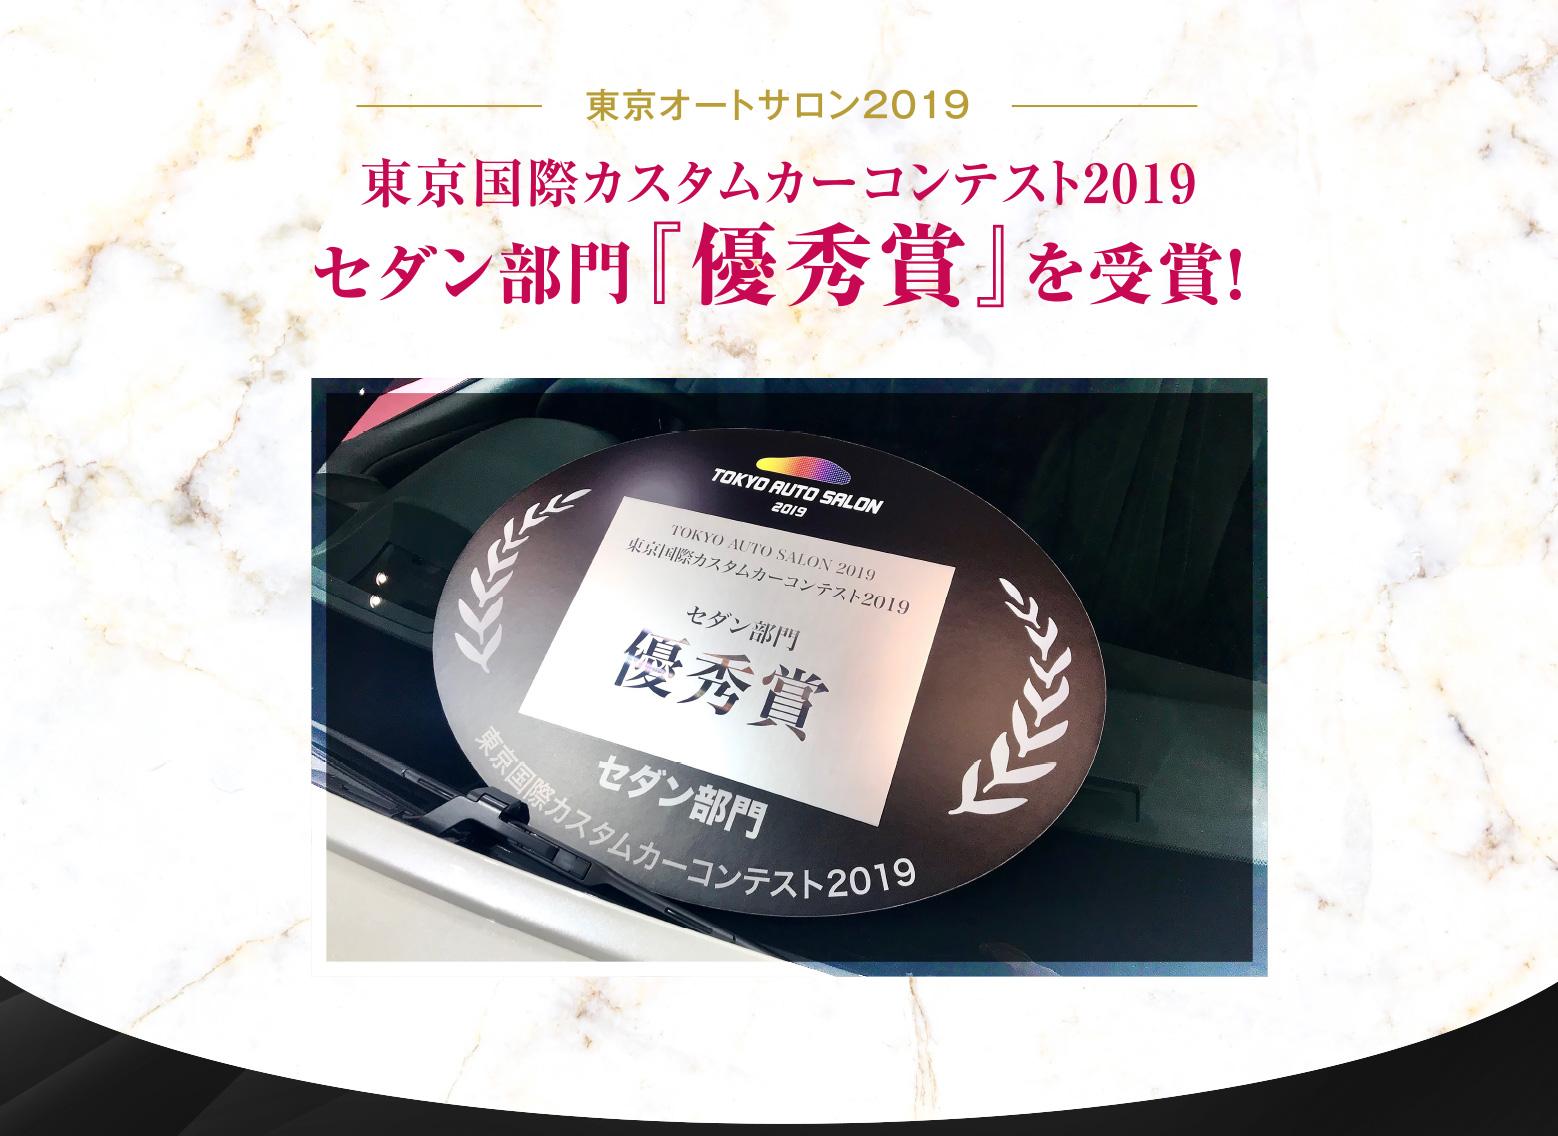 東京オートサロン2019 東京国際カスタムカーコンテスト2019 セダン部門『優秀賞』を受賞!